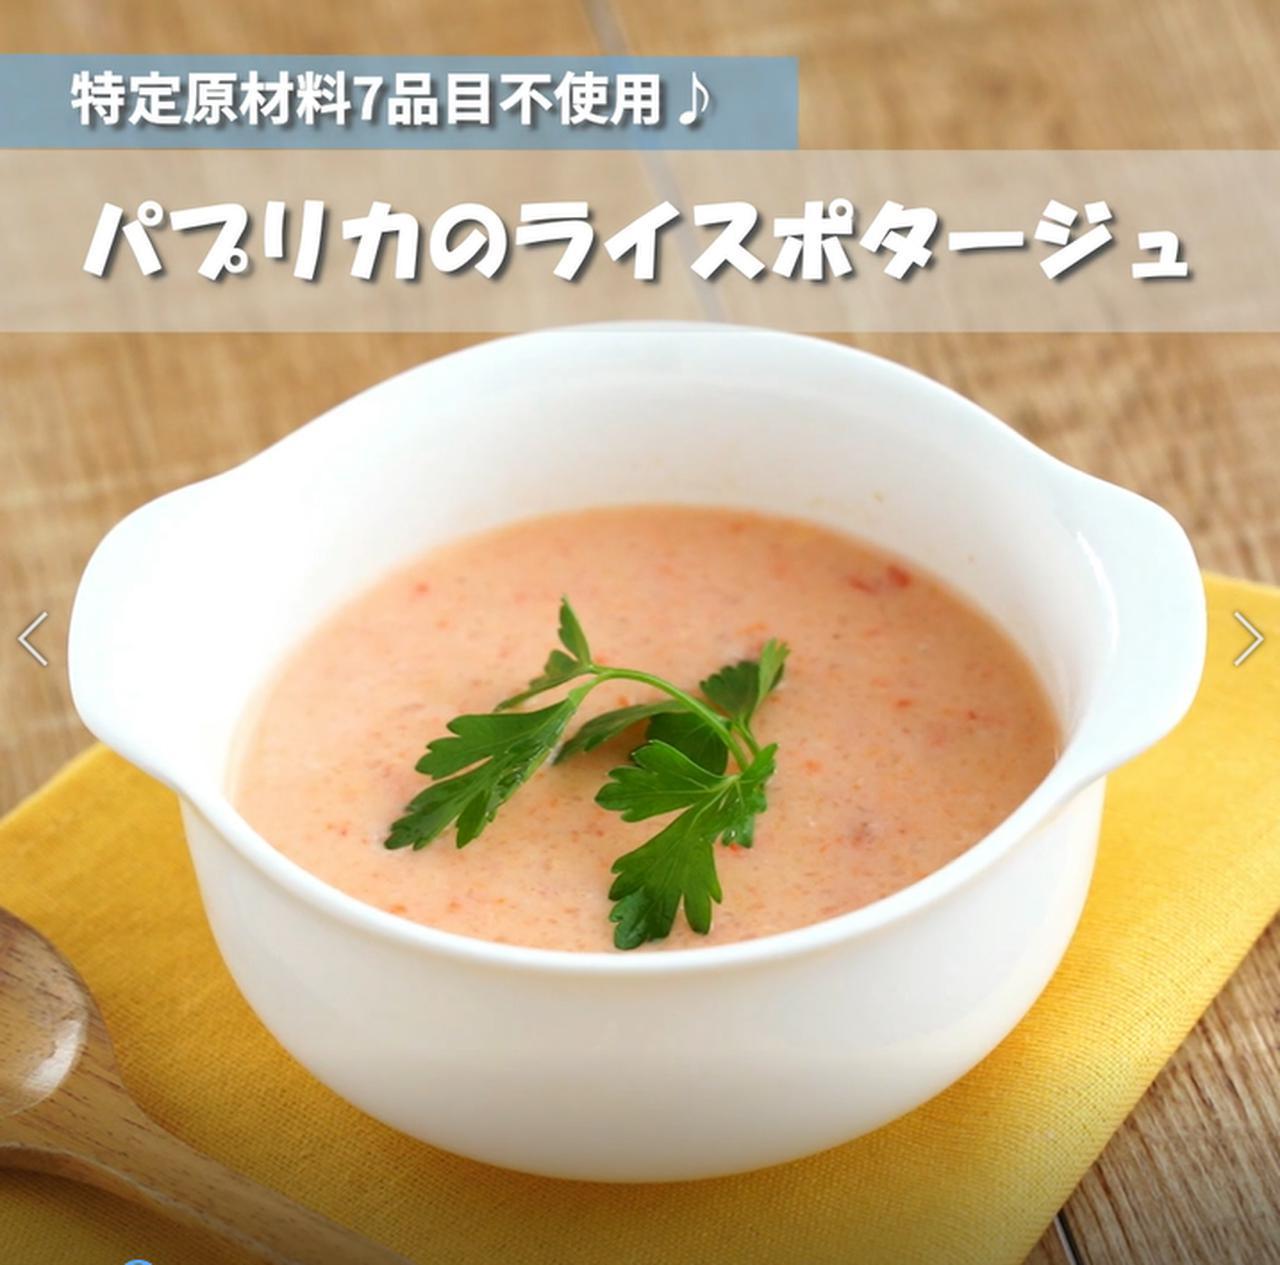 画像: 離乳食 後期レシピ!パプリカのライスポタージュ - 君とごはん